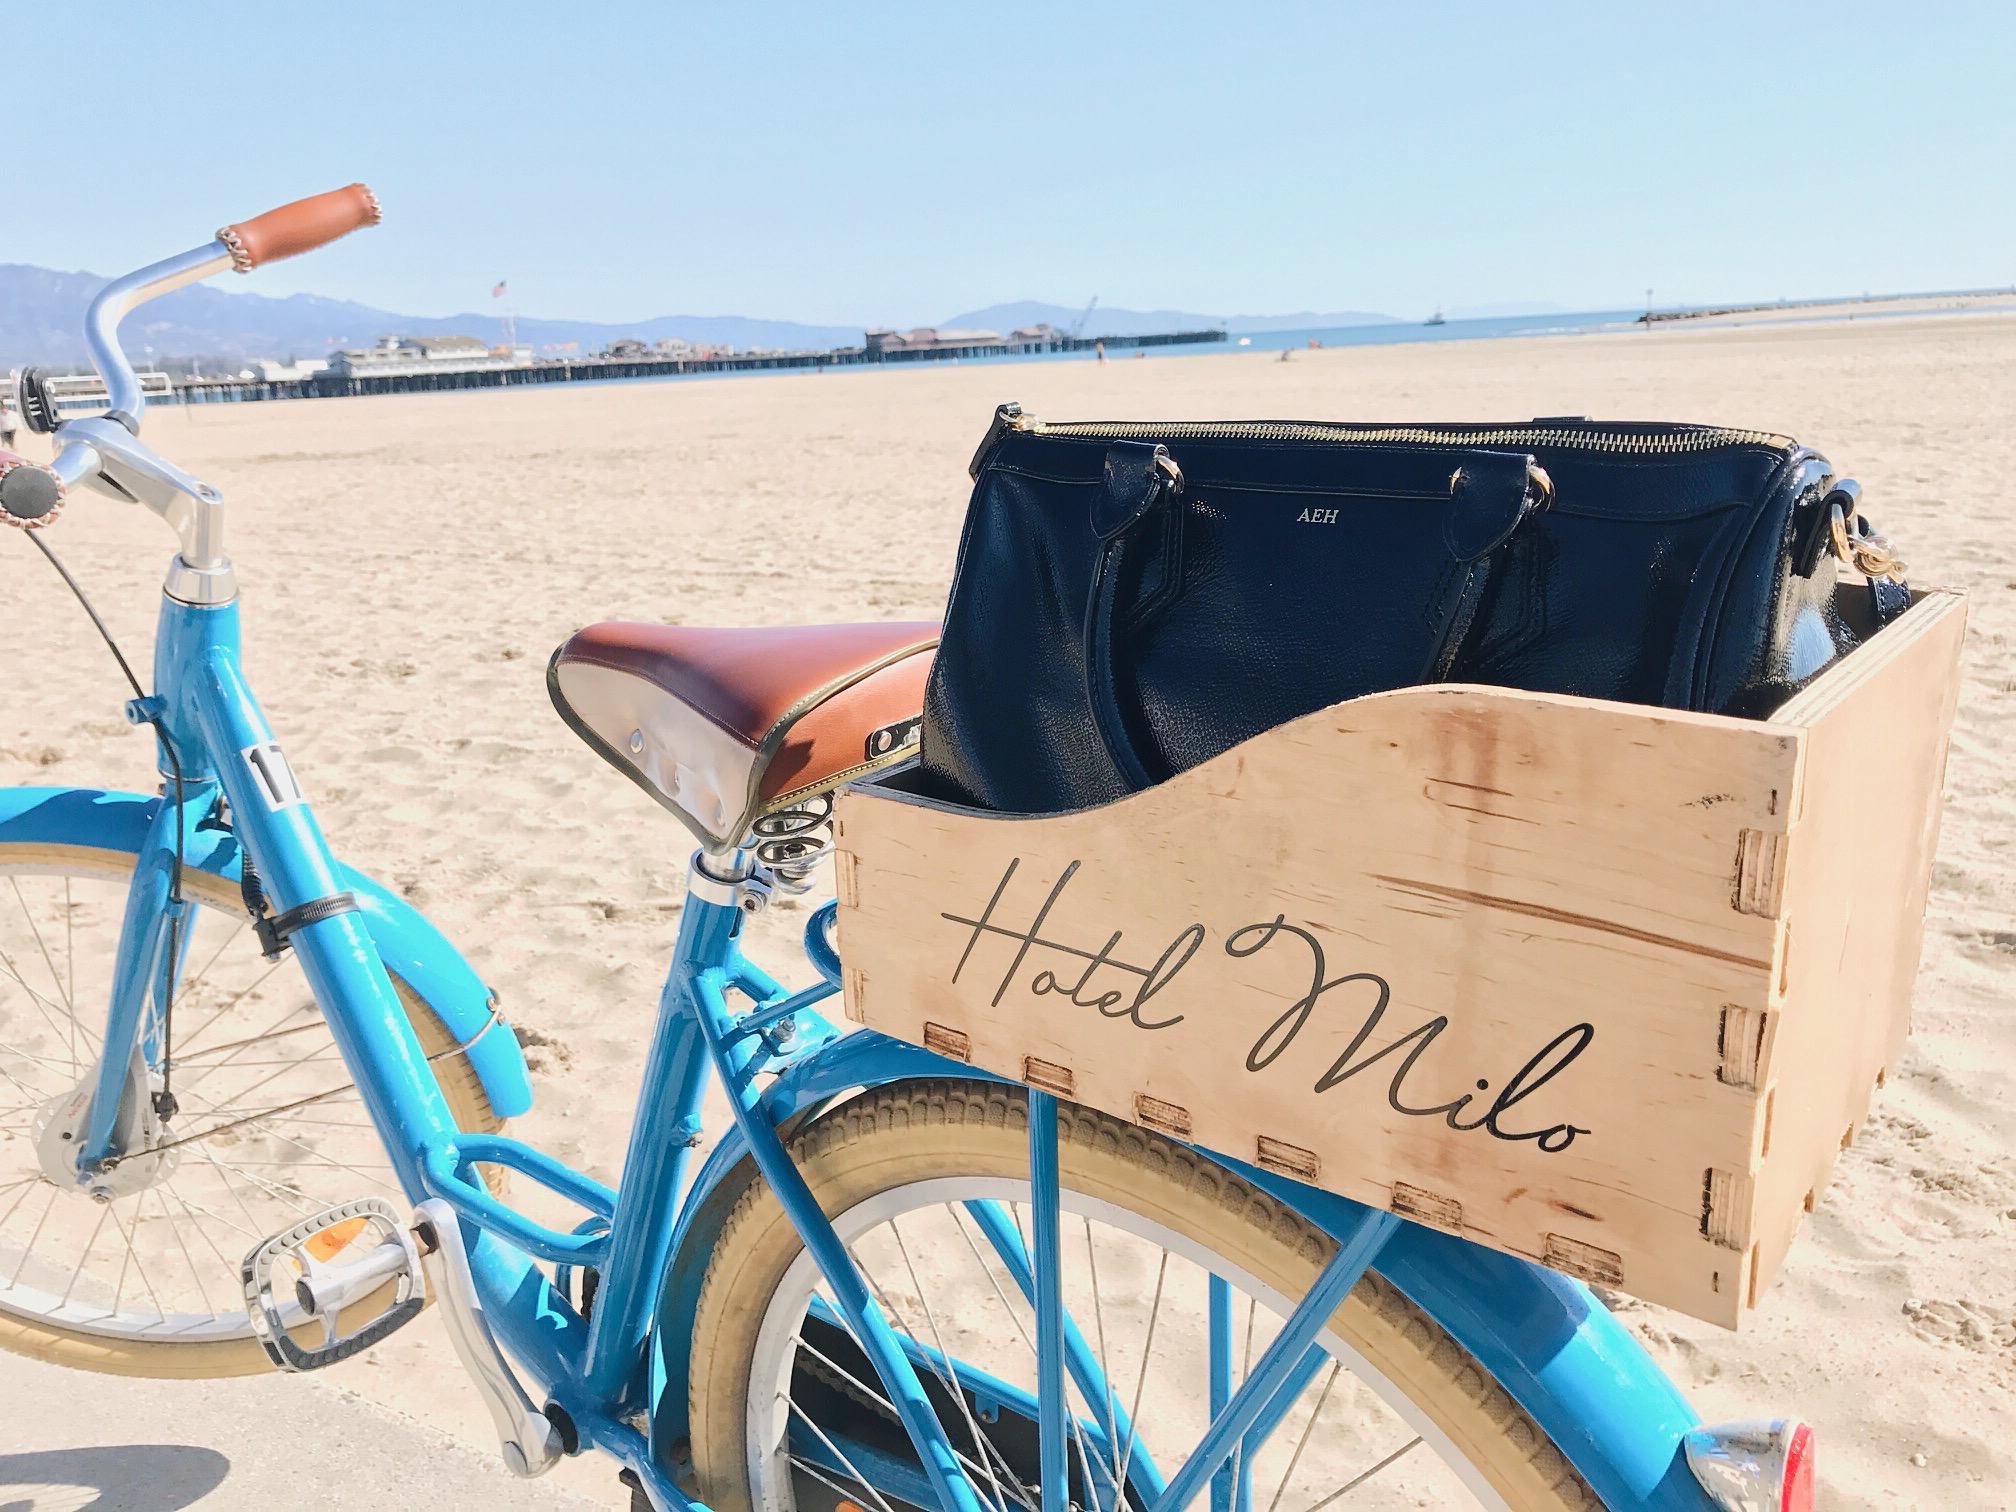 Happy riding!!!